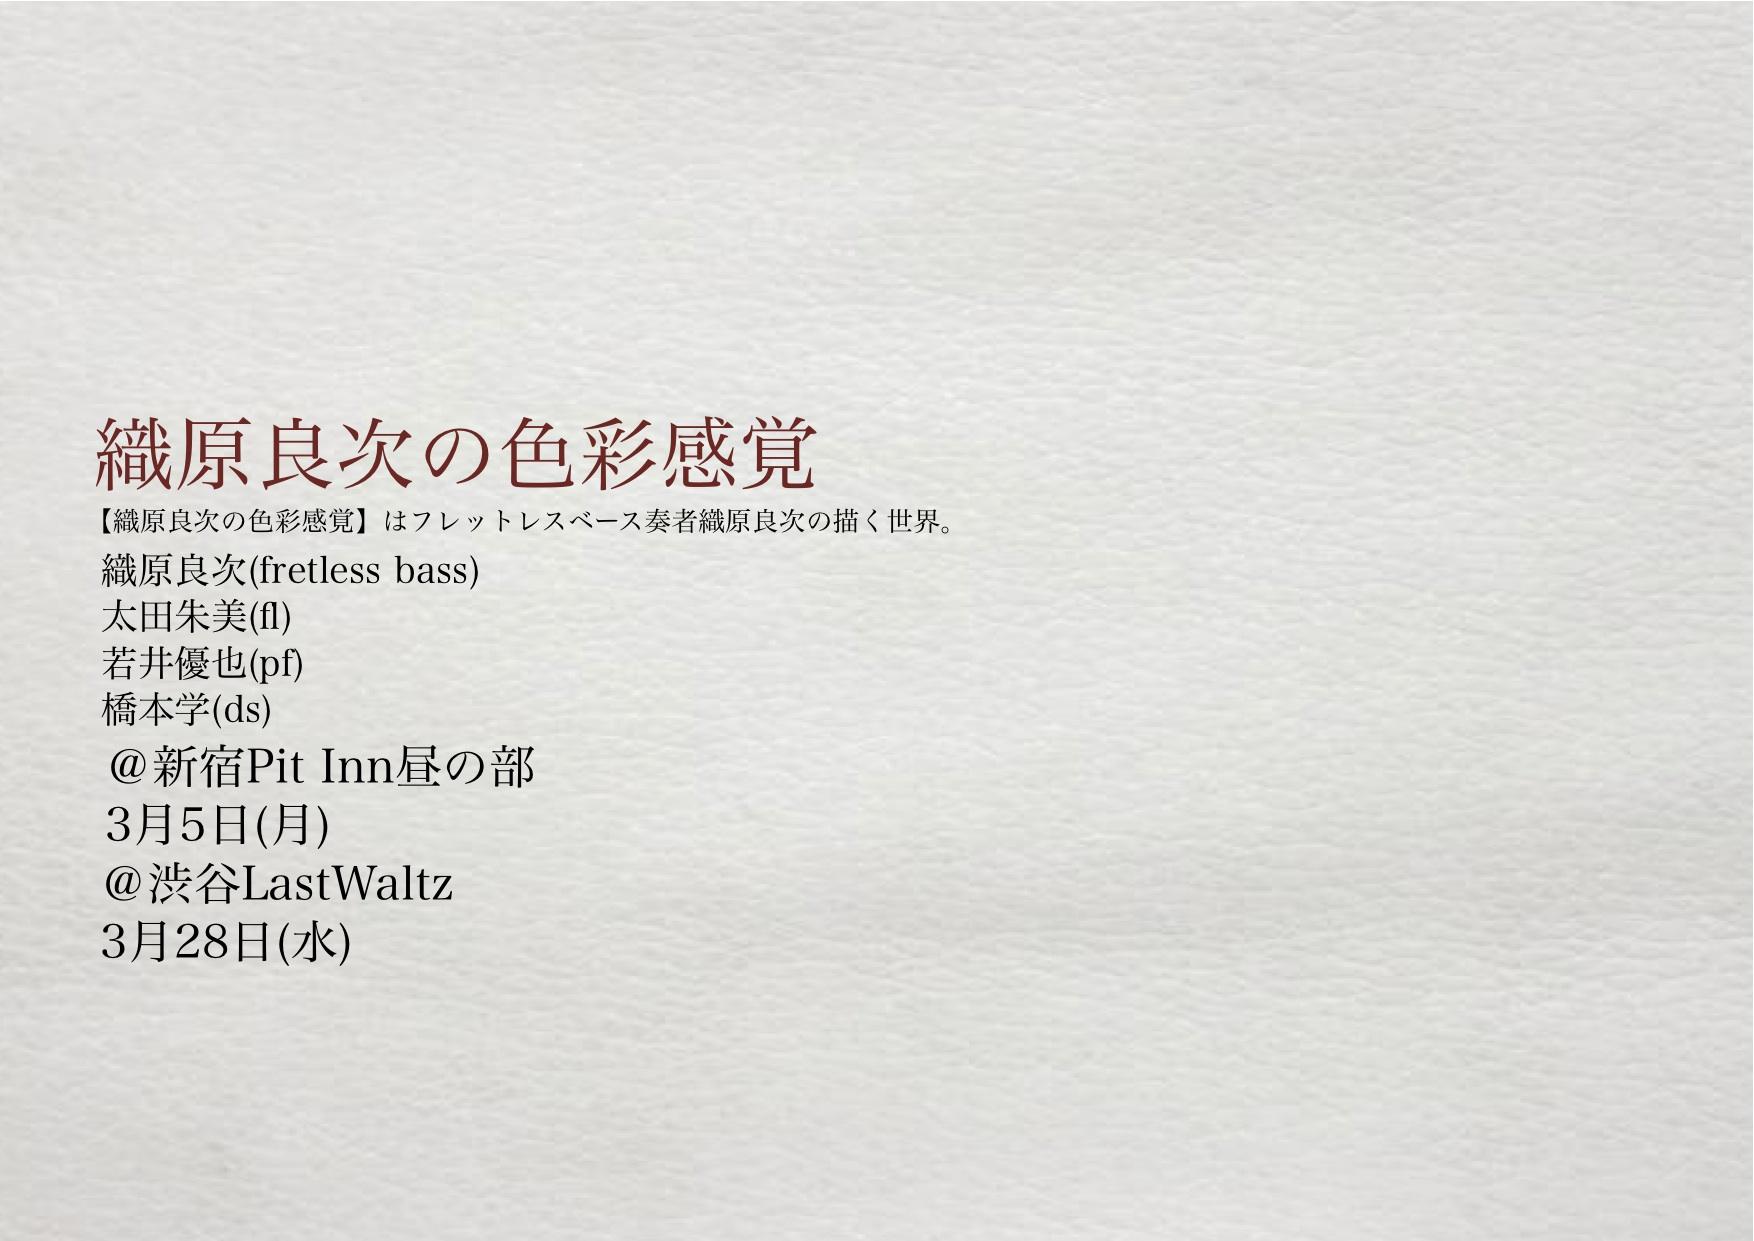 次回【織原良次の色彩感覚】のライブは3/5@新宿Pit Inn昼の部!_c0080172_2258541.jpg